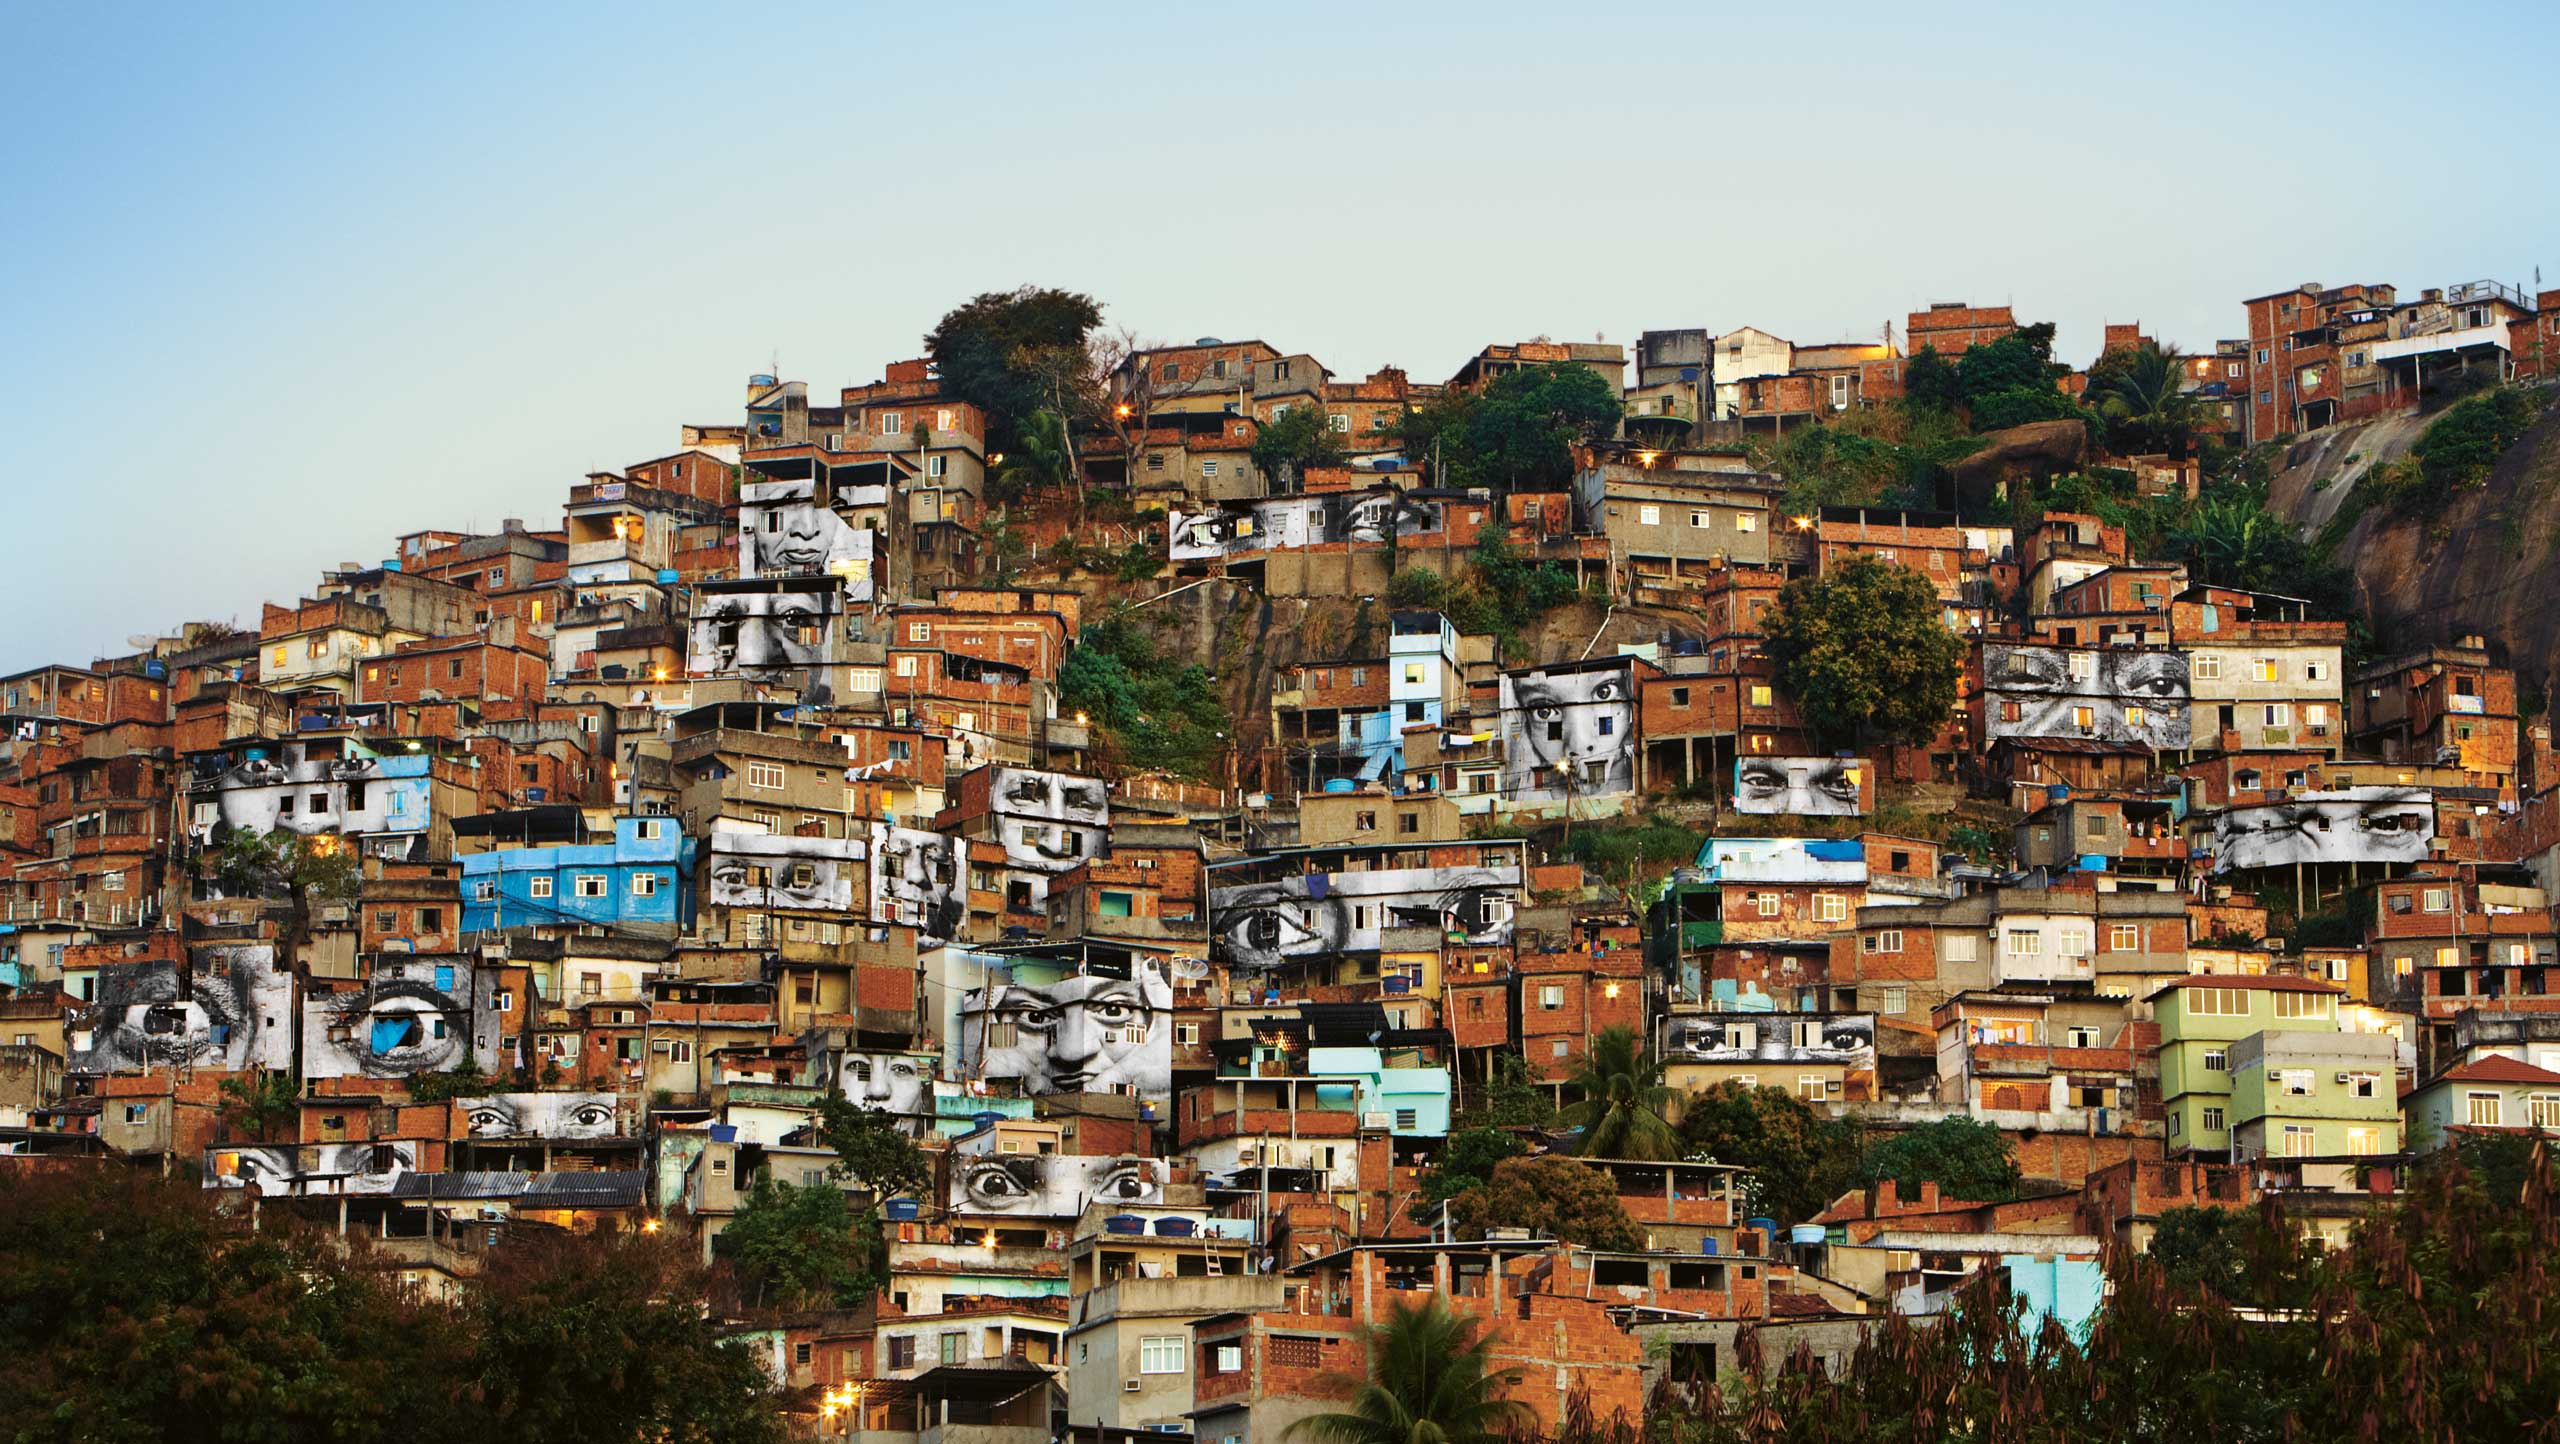 Women are Heroes: Morro da Providência favela, Rio de Janeiro, Brazil, 2008.